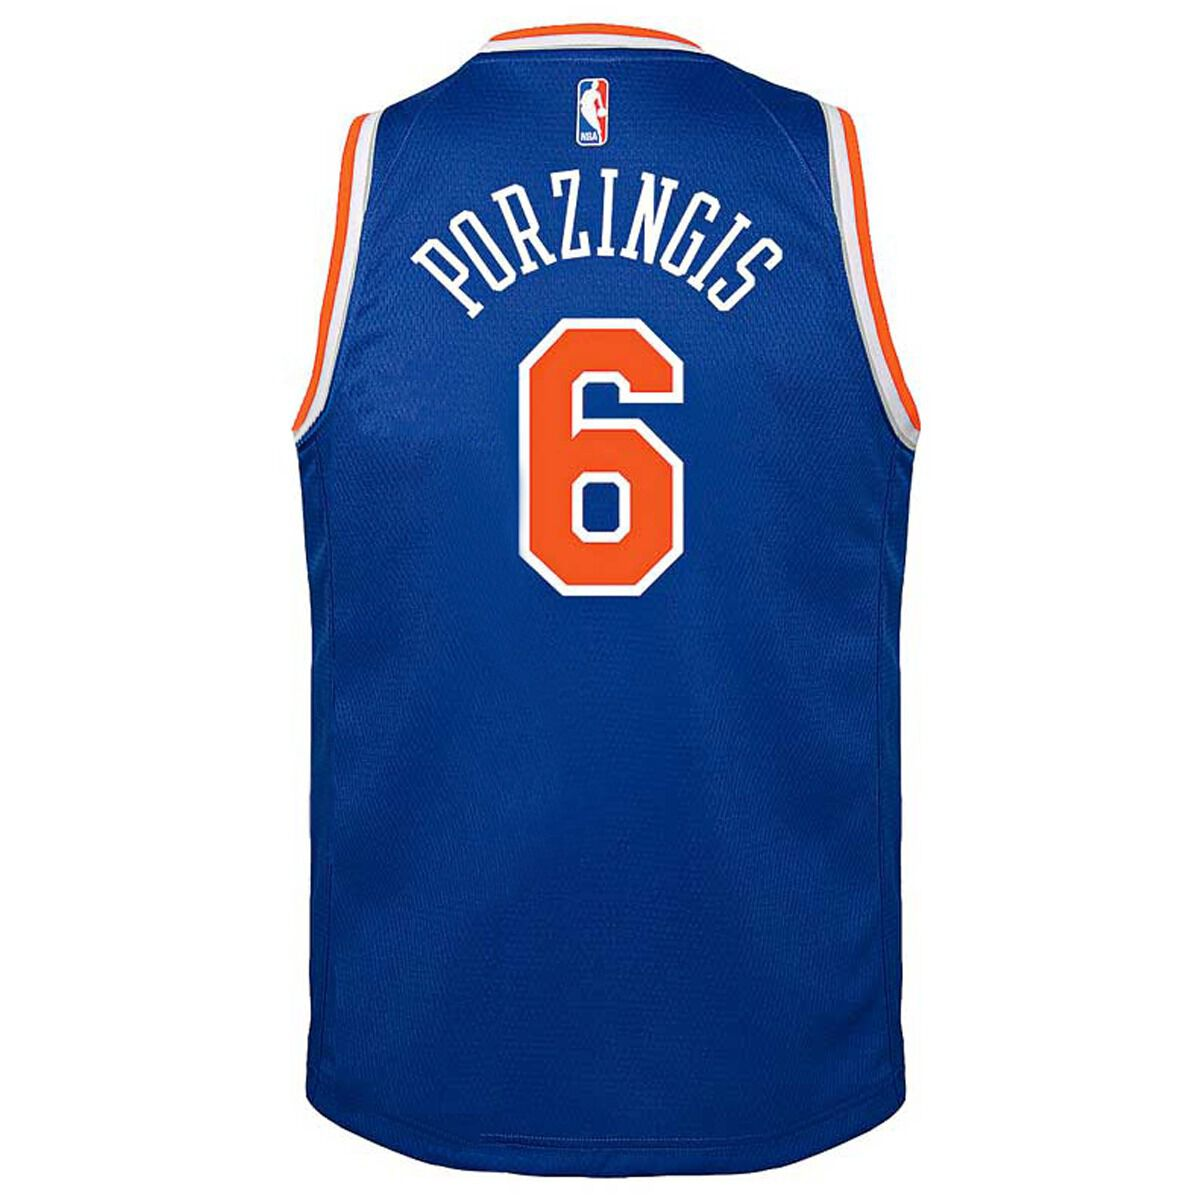 Ropa y accesorios Productos para fans 47 NBA New York Knicks